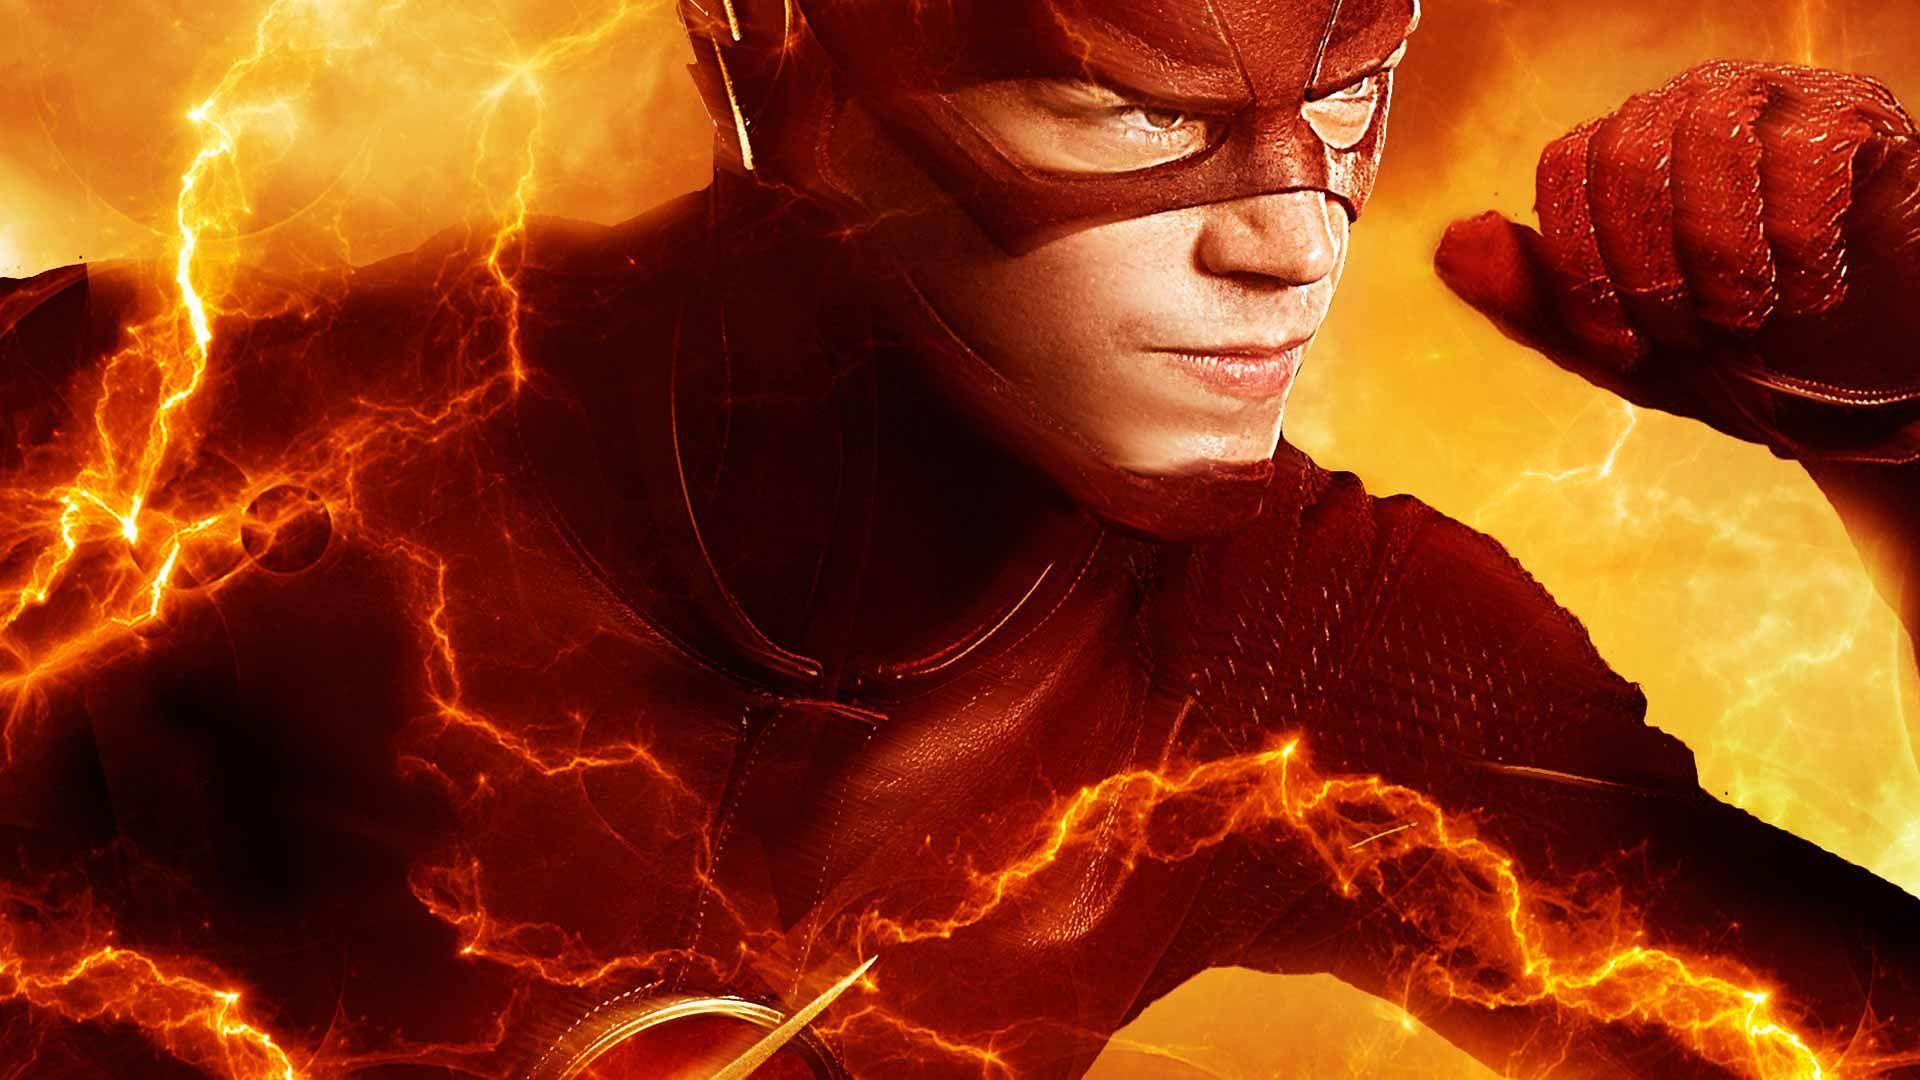 Zoom viene por Barry en la promo del próximo episodio de The Flash